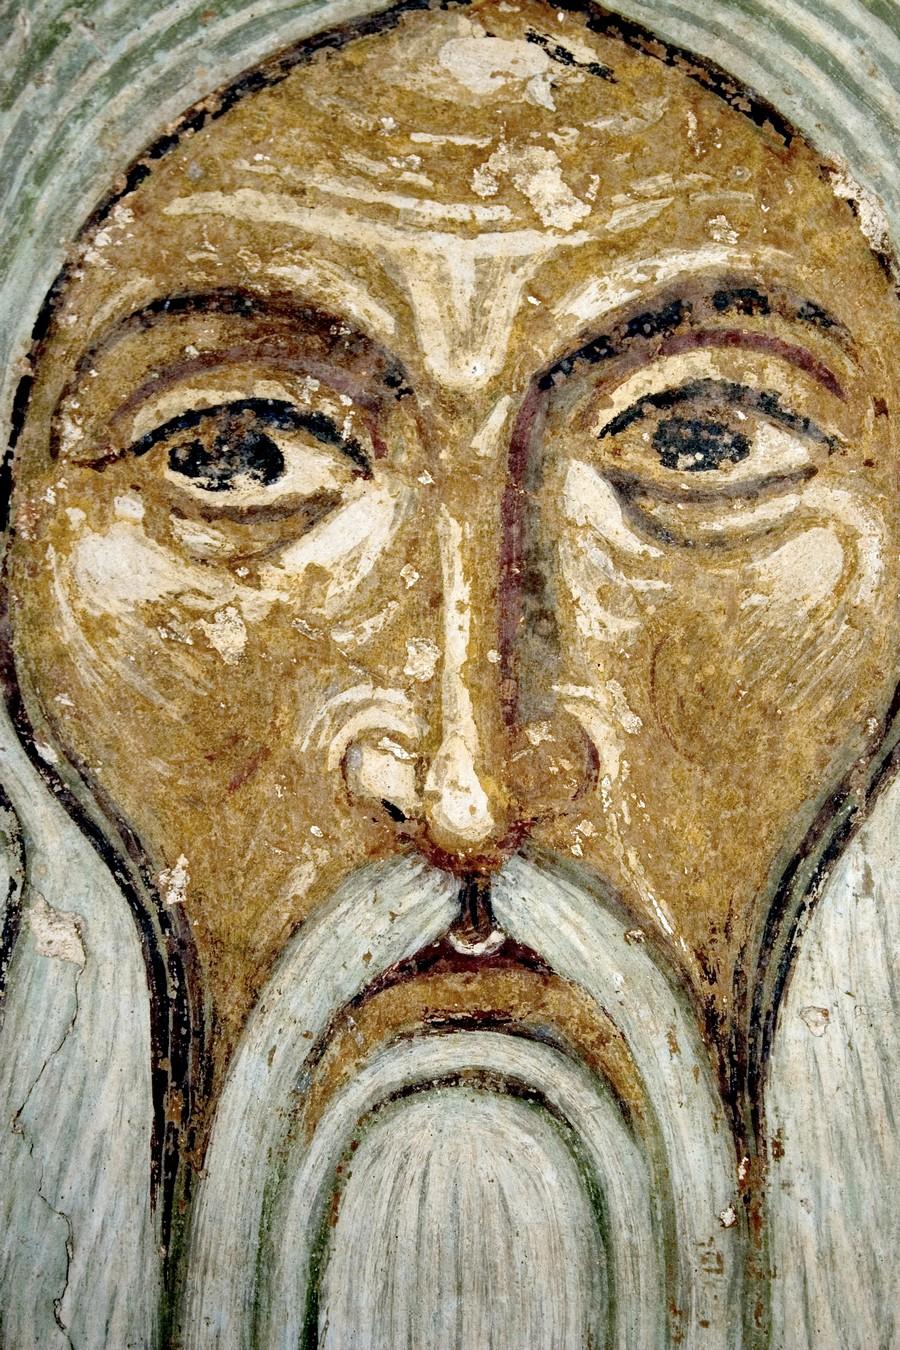 Святой первосвященник. Фреска Спасо-Преображенского собора Мирожского монастыря в Пскове. Около 1140 года. Фрагмент.